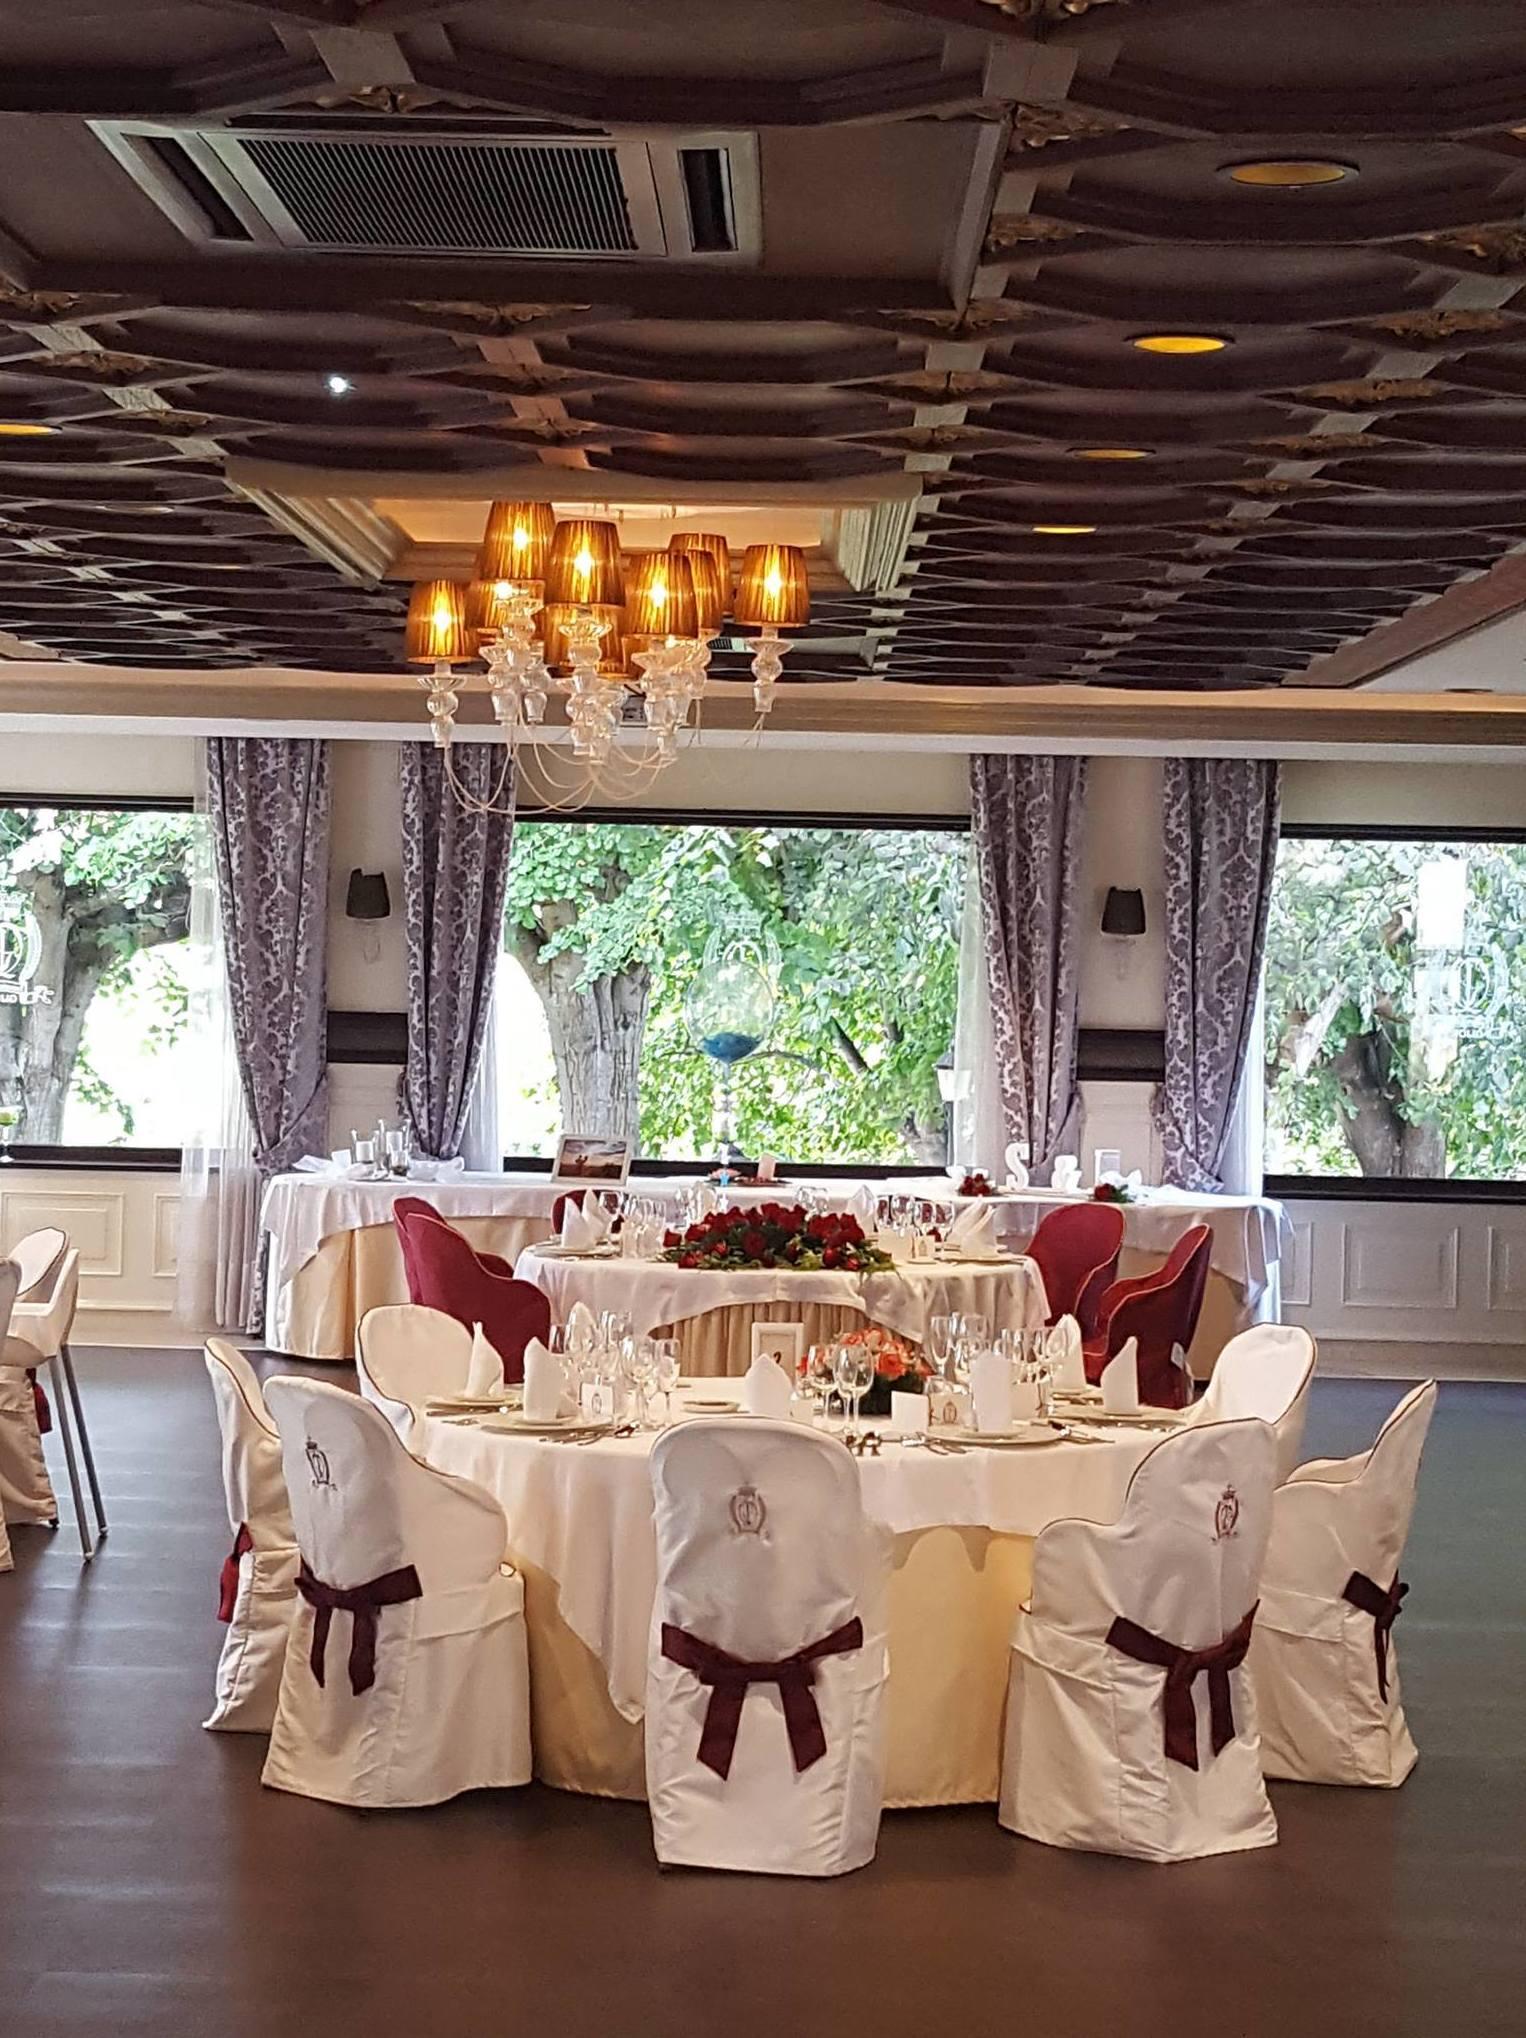 Foto 25 de Restaurantes en Gijón | Finca el Duque. Finca privada para bodas y eventos en Gijón